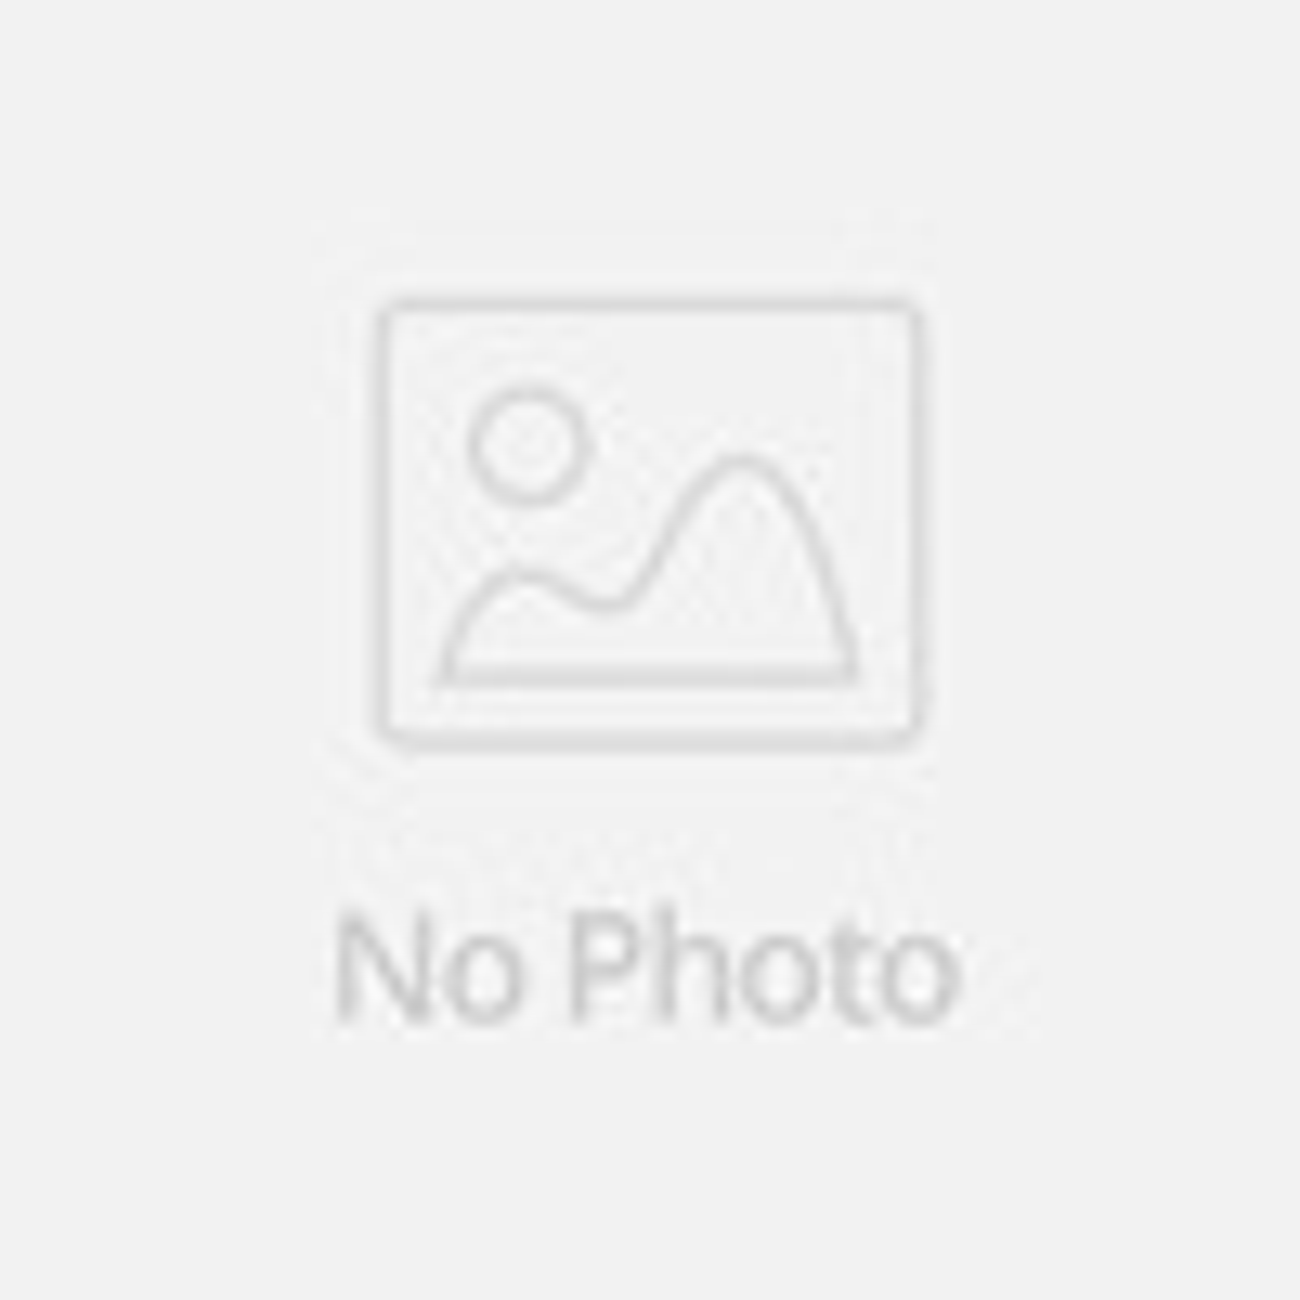 Lavaza Marvel <font><b>Comics</b></font> <font><b>Spider</b></font>-<font><b>Man</b></font> <font><b>Spider</b></font> <font><b>Man</b></font> Homecoming Case Cover for <font><b>Samsung</b></font> <font><b>Galaxy</b></font> S8 Plus S3 S4 S5 & <font><b>Mini</b></font> S7 Edge S6 Edge Plus